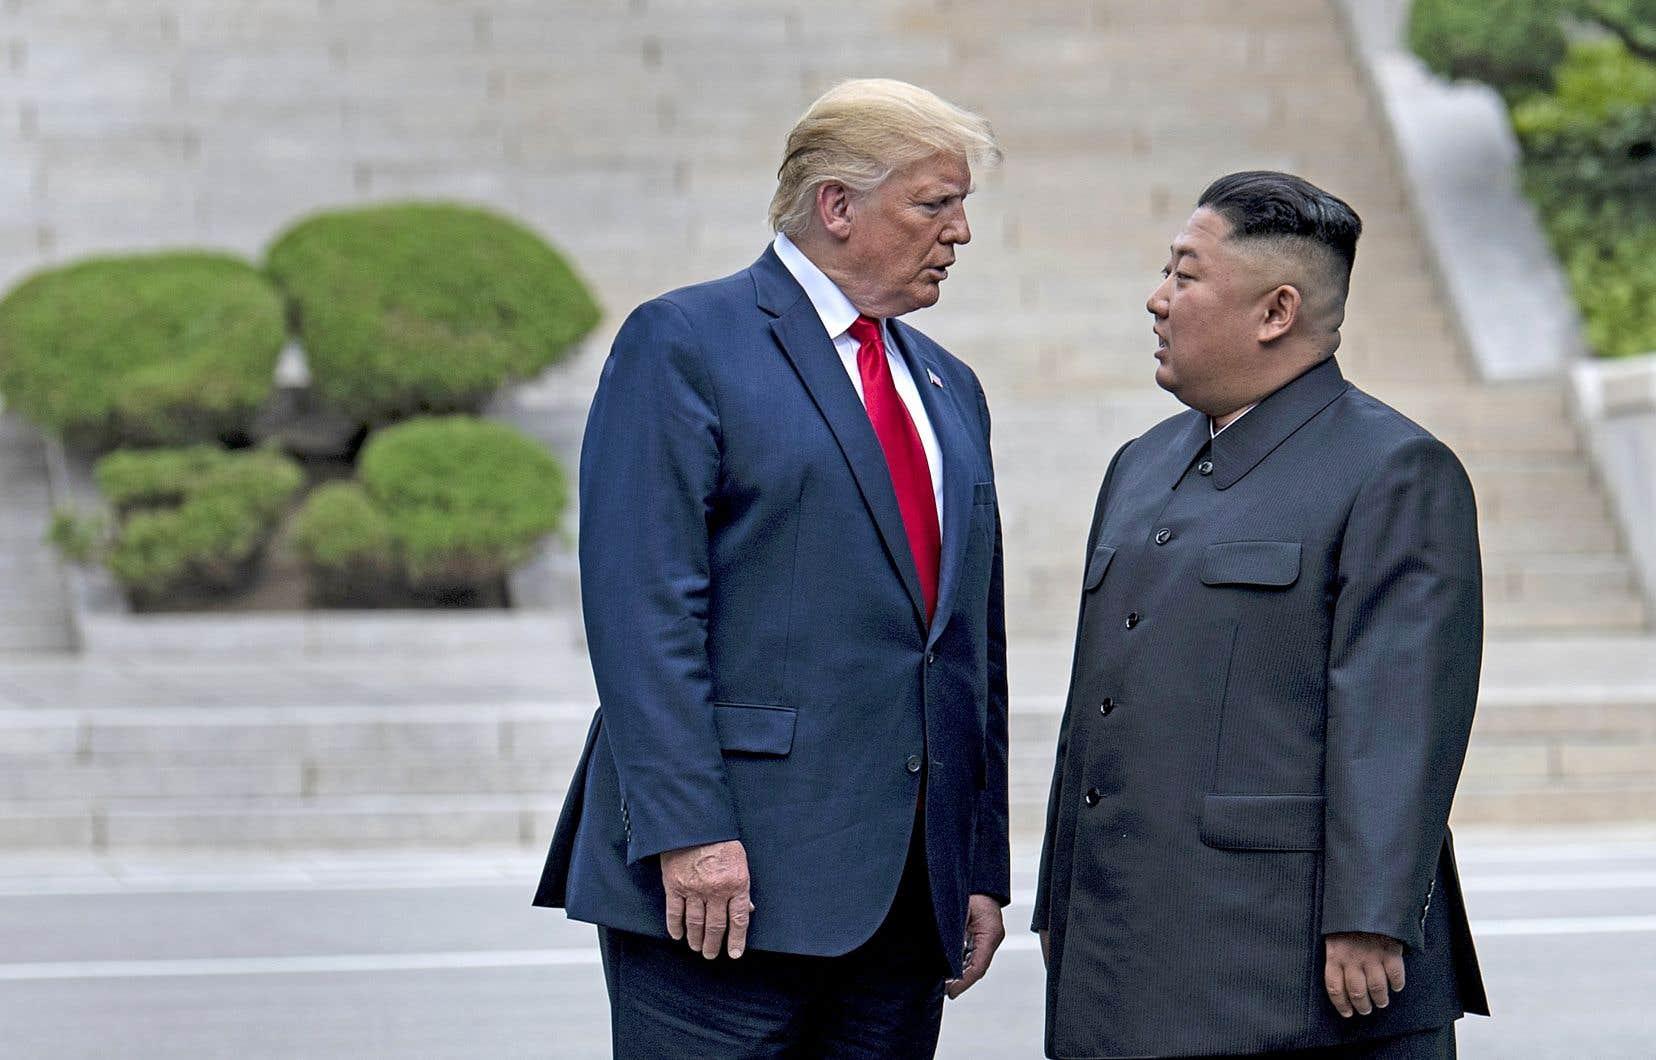 Lors d'une séquence calibrée pour faire la une des chaînes de télévision, M.Trump a été dimanche le premier président américain en exercice à fouler le sol nord-coréen, à l'occasion d'une rencontre avec le leader du régime reclus, Kim Jong-un.